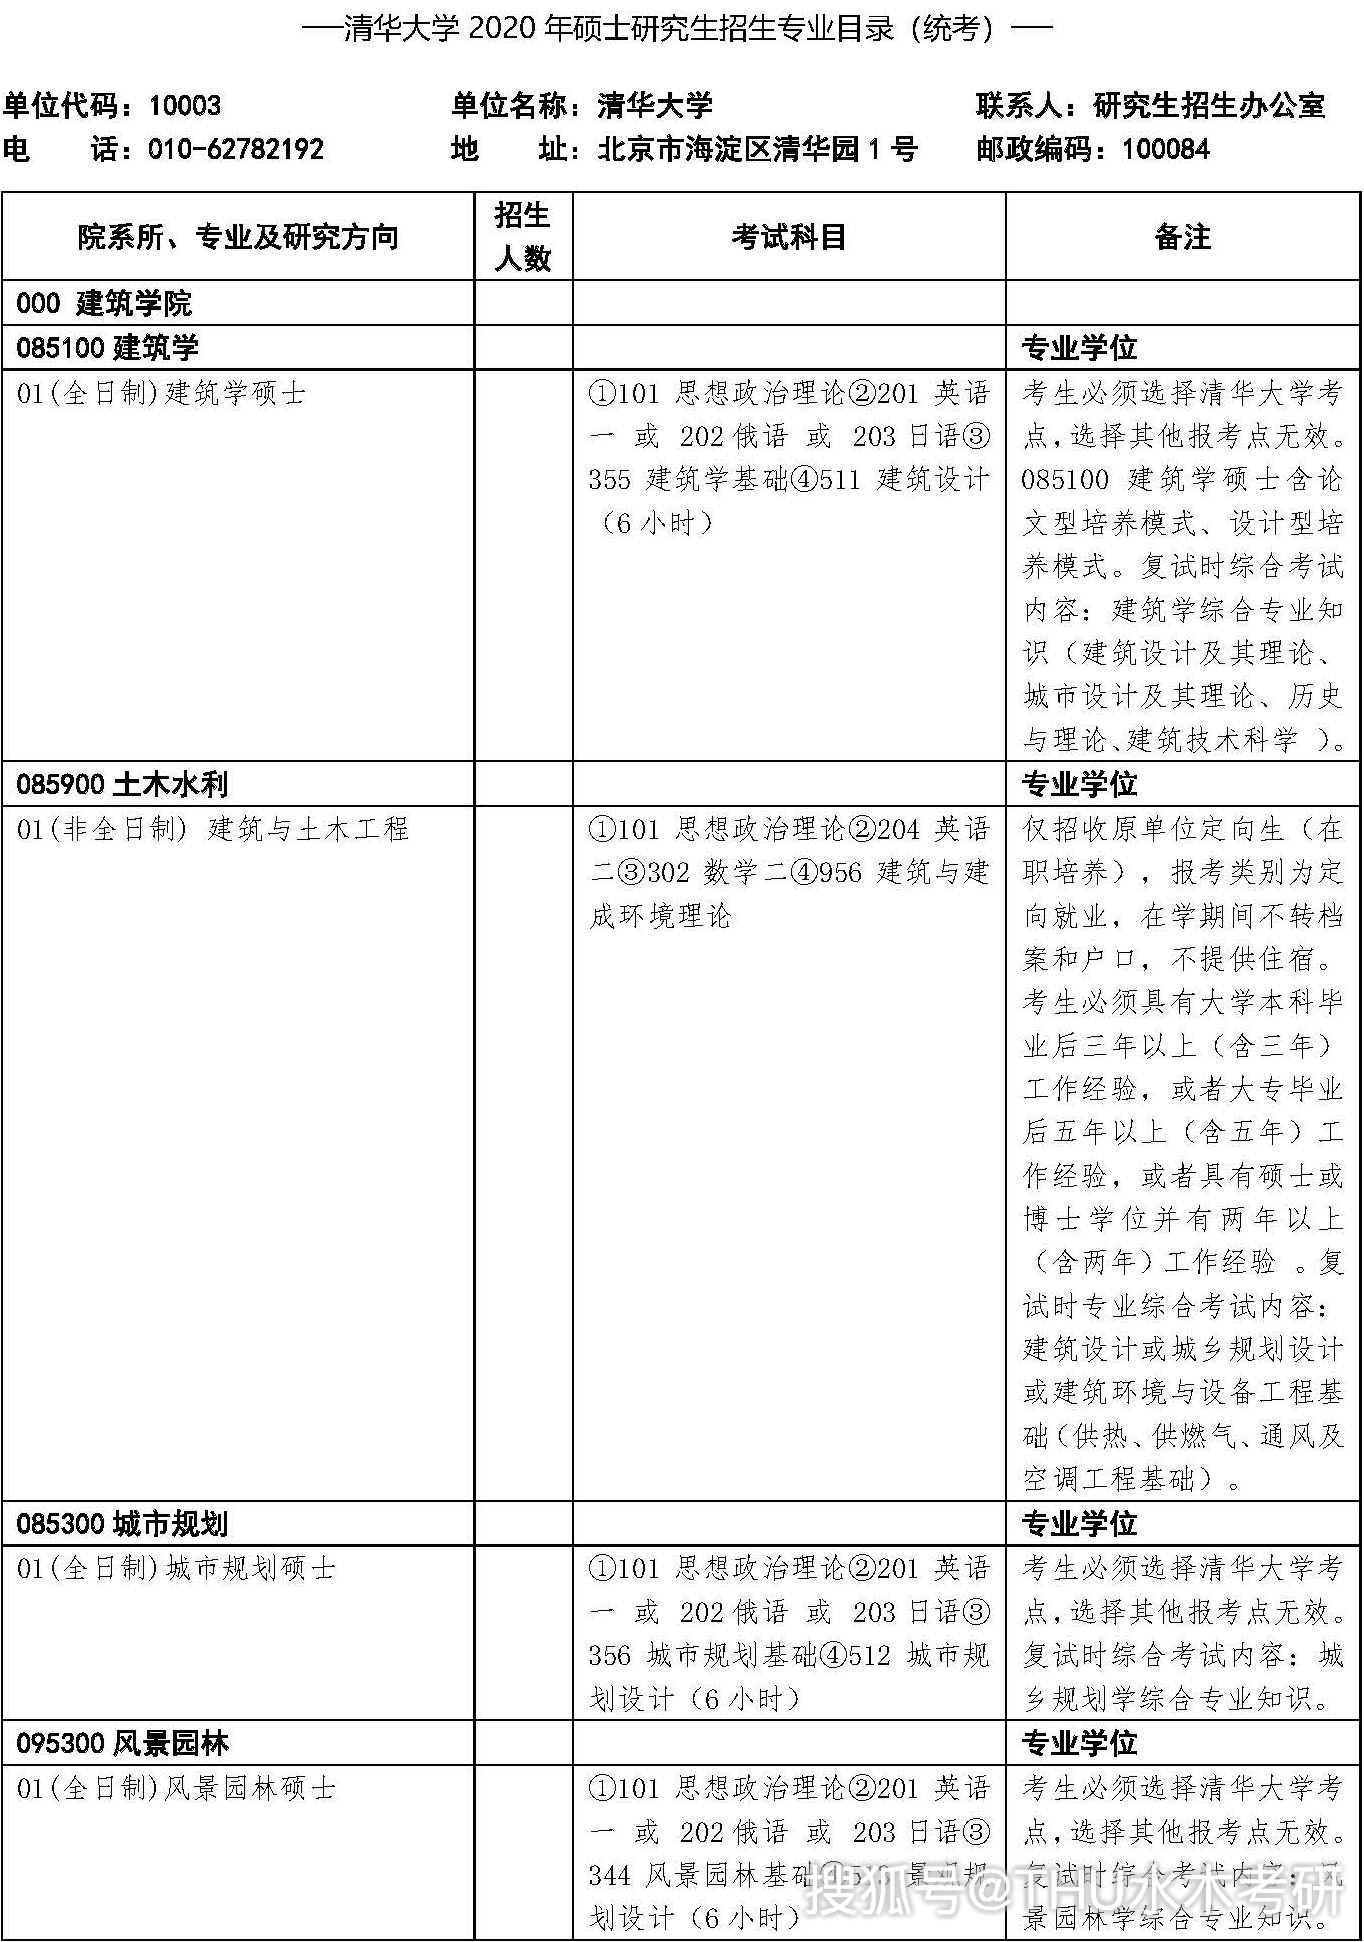 <b>2020年清华大学硕士研究生招生专业目录</b>